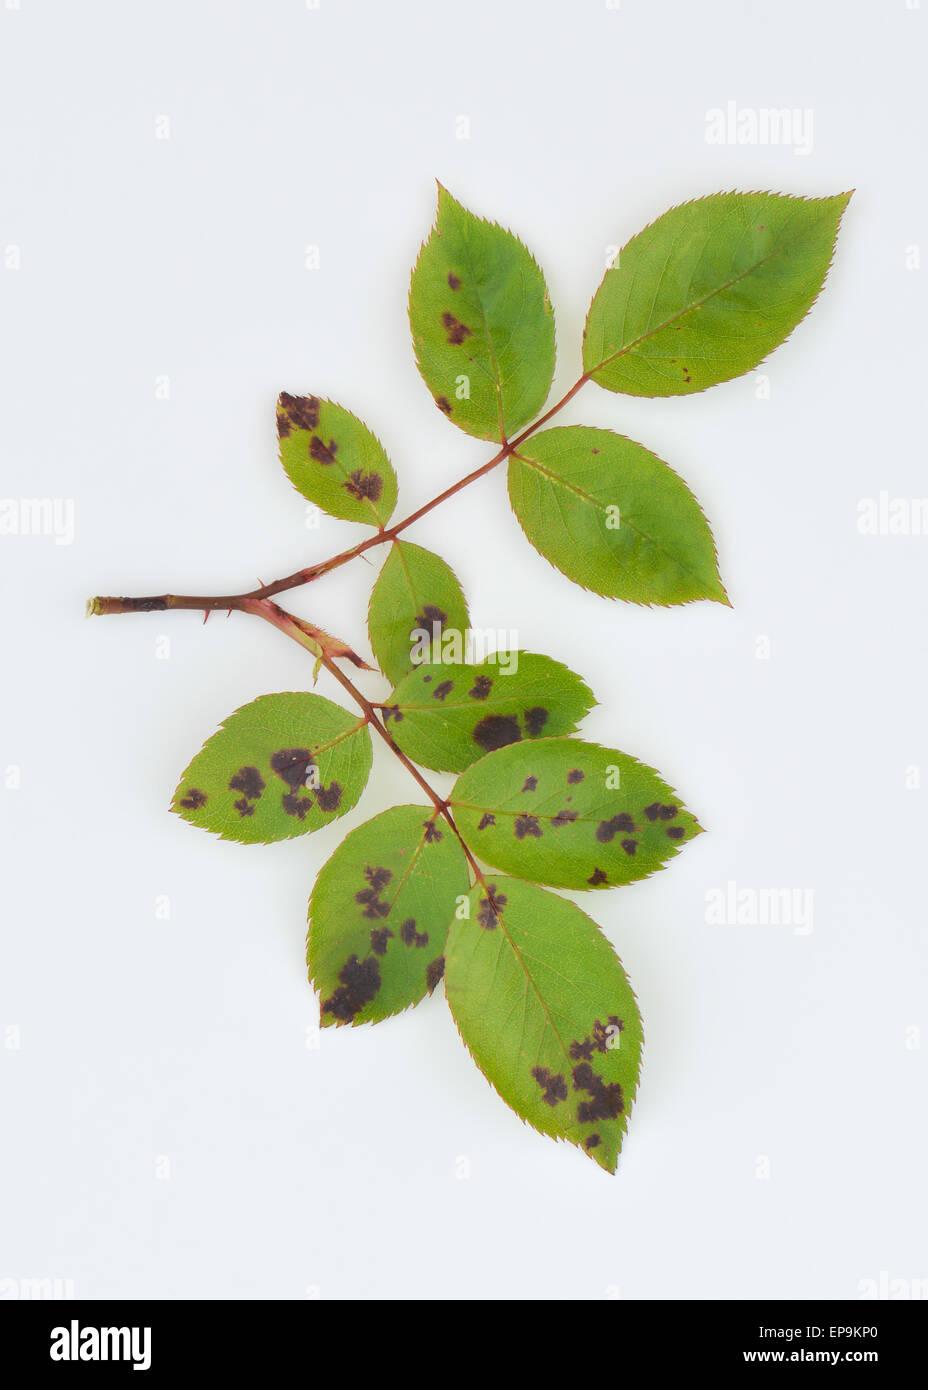 Rosenblätter im Frühjahr Klassiker Anzeichen für eine Rose Black Spot - eine ernste Krankheit verursacht Stockbild